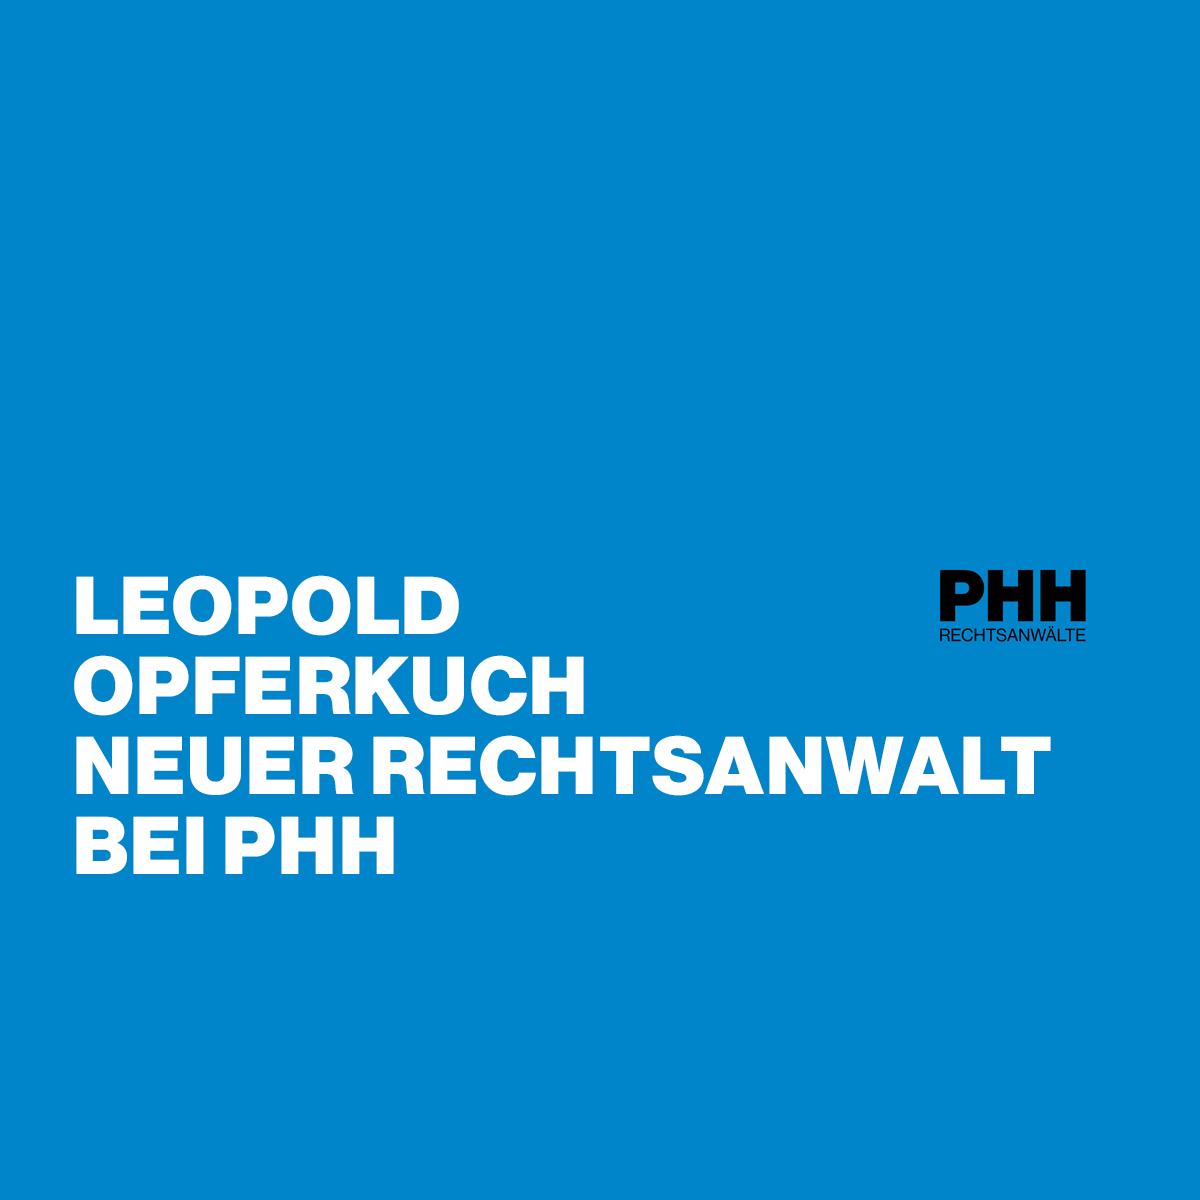 Leopold Opferkuch neuer Rechtsanwalt bei PHH